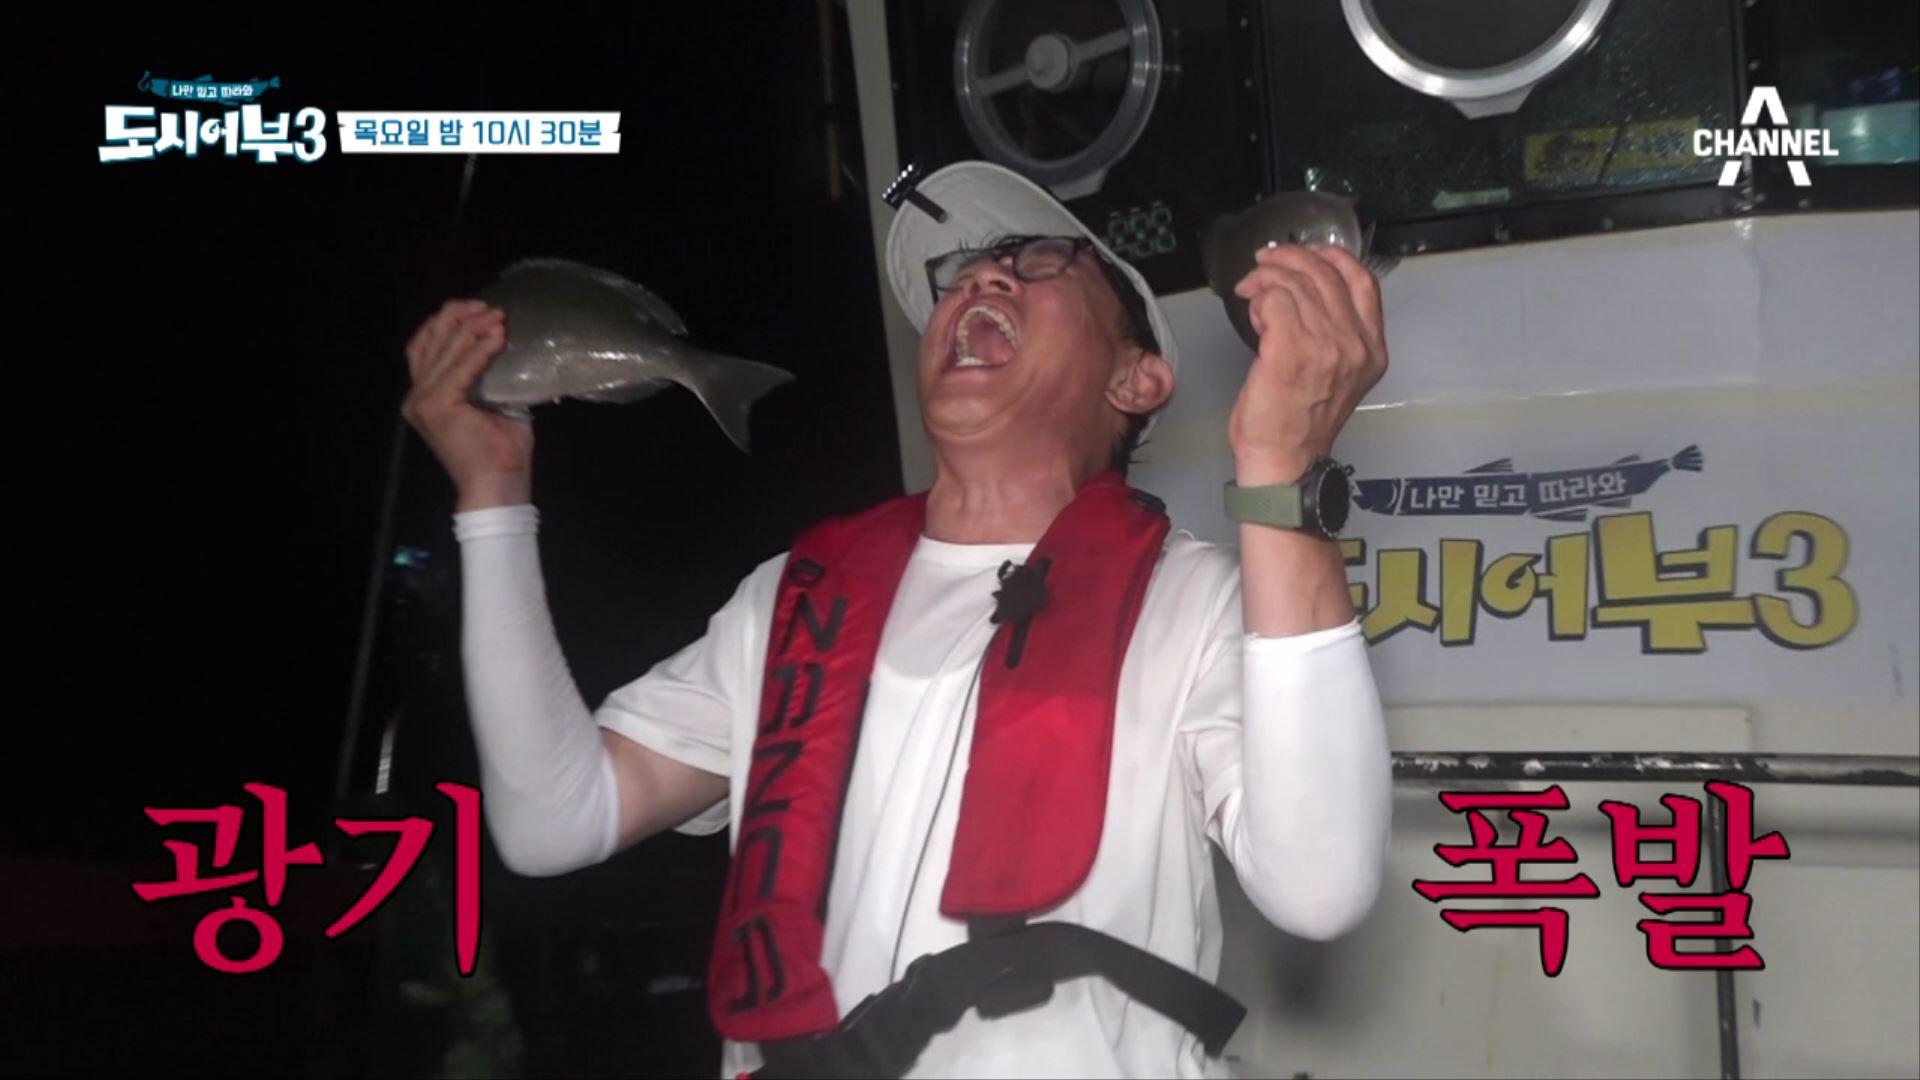 [선공개] 벵에돔 히트 작렬! 이것이 '고니투어'다!